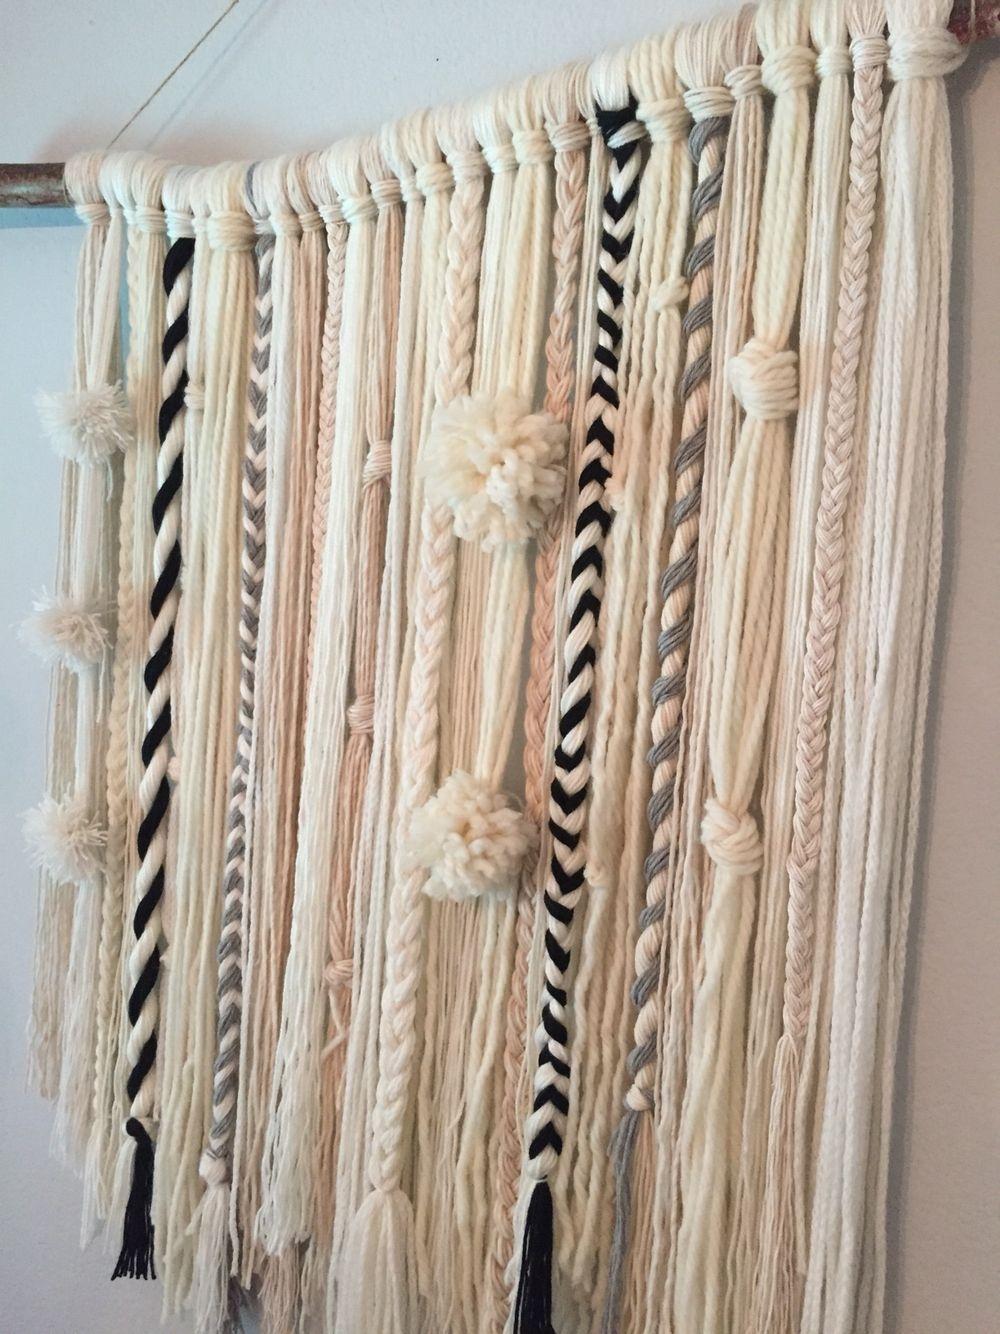 Diy Yarn Wall Hanging … | My Creations | Pinterest | Yarn Wall throughout Most Current Yarn Wall Art